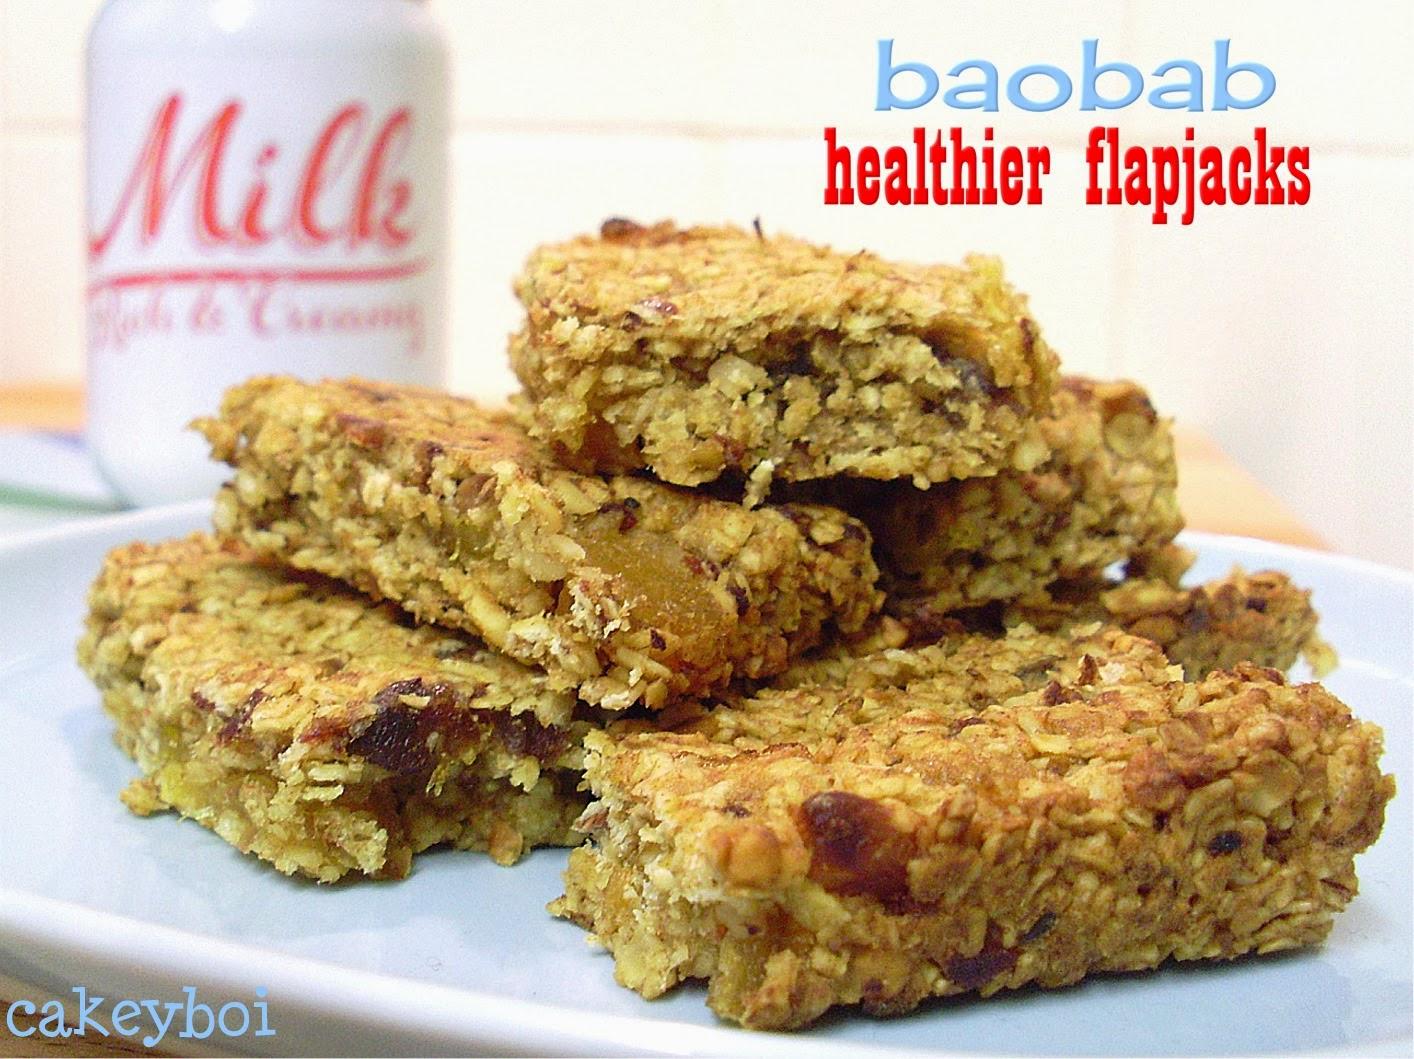 Cakeyboi baobab healthier flapjacks